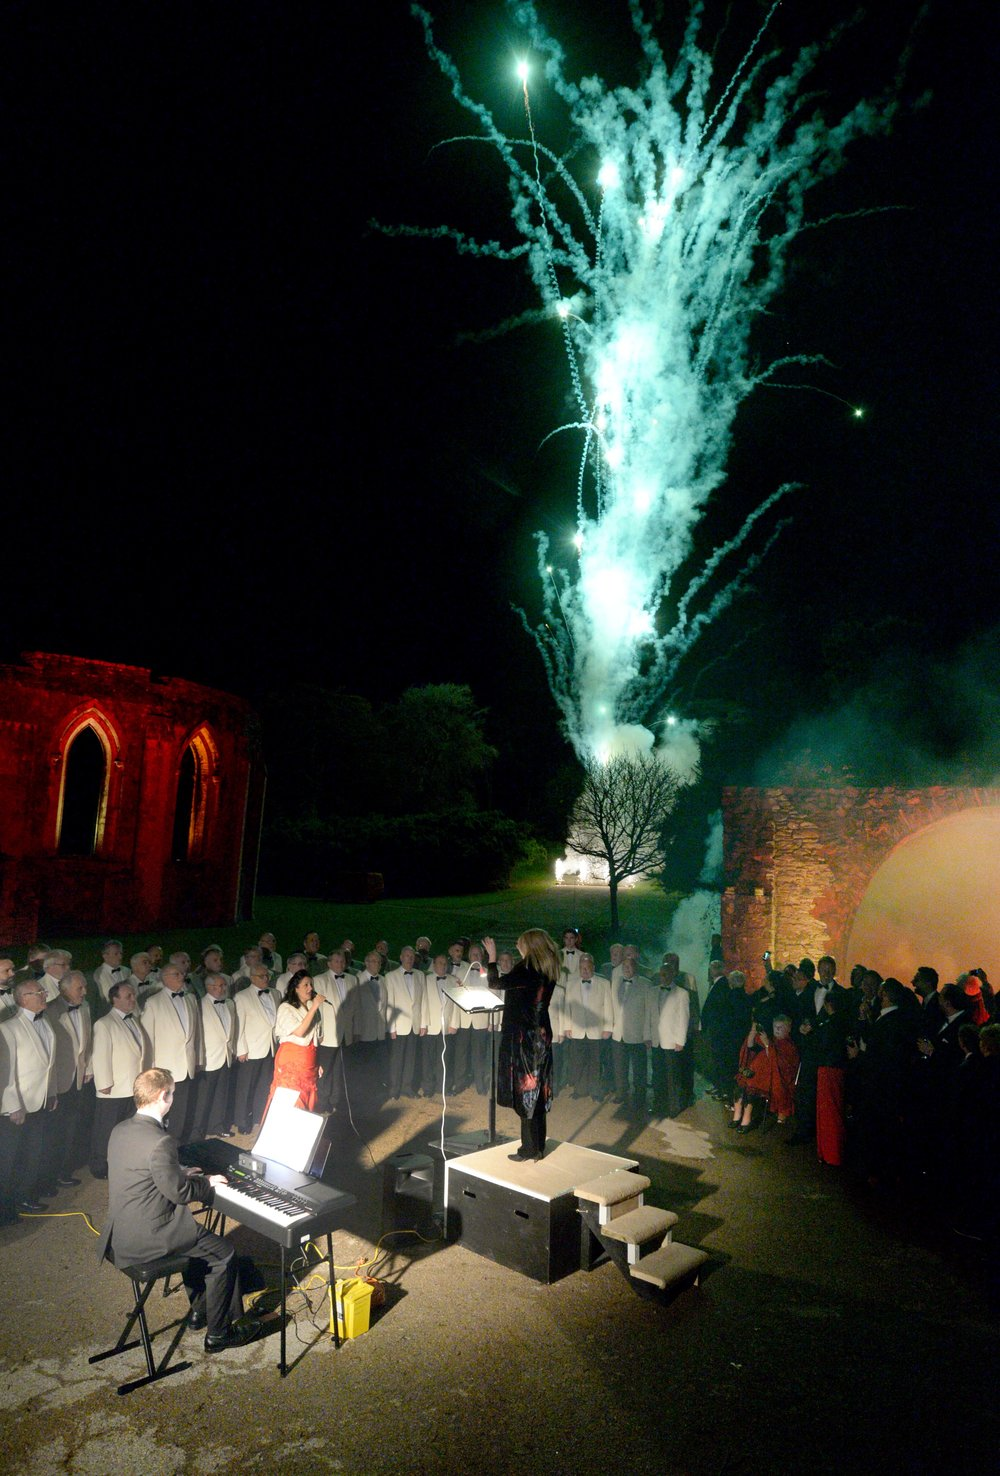 Cymdeithas Corau Meibion Gogledd Cymru - Gŵyl Y Corau 1994 - The Albert Hall Welsh Choir Festival